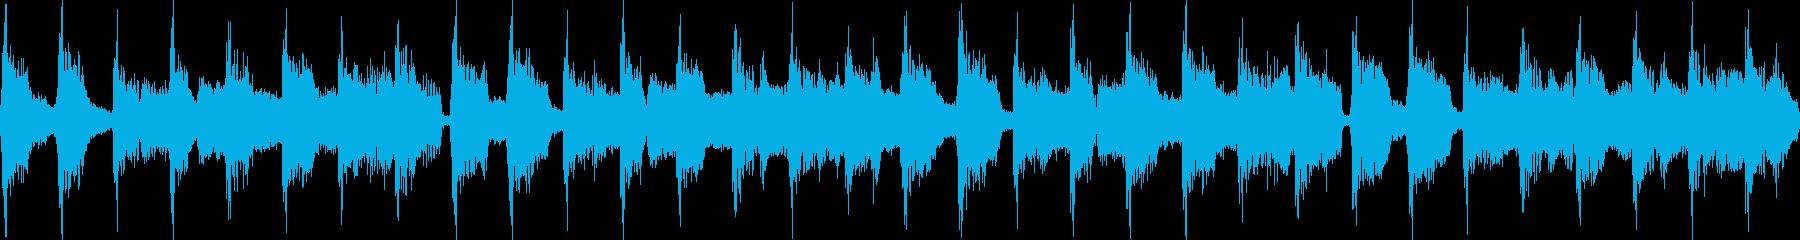 80年代のポップジングル_ループの再生済みの波形